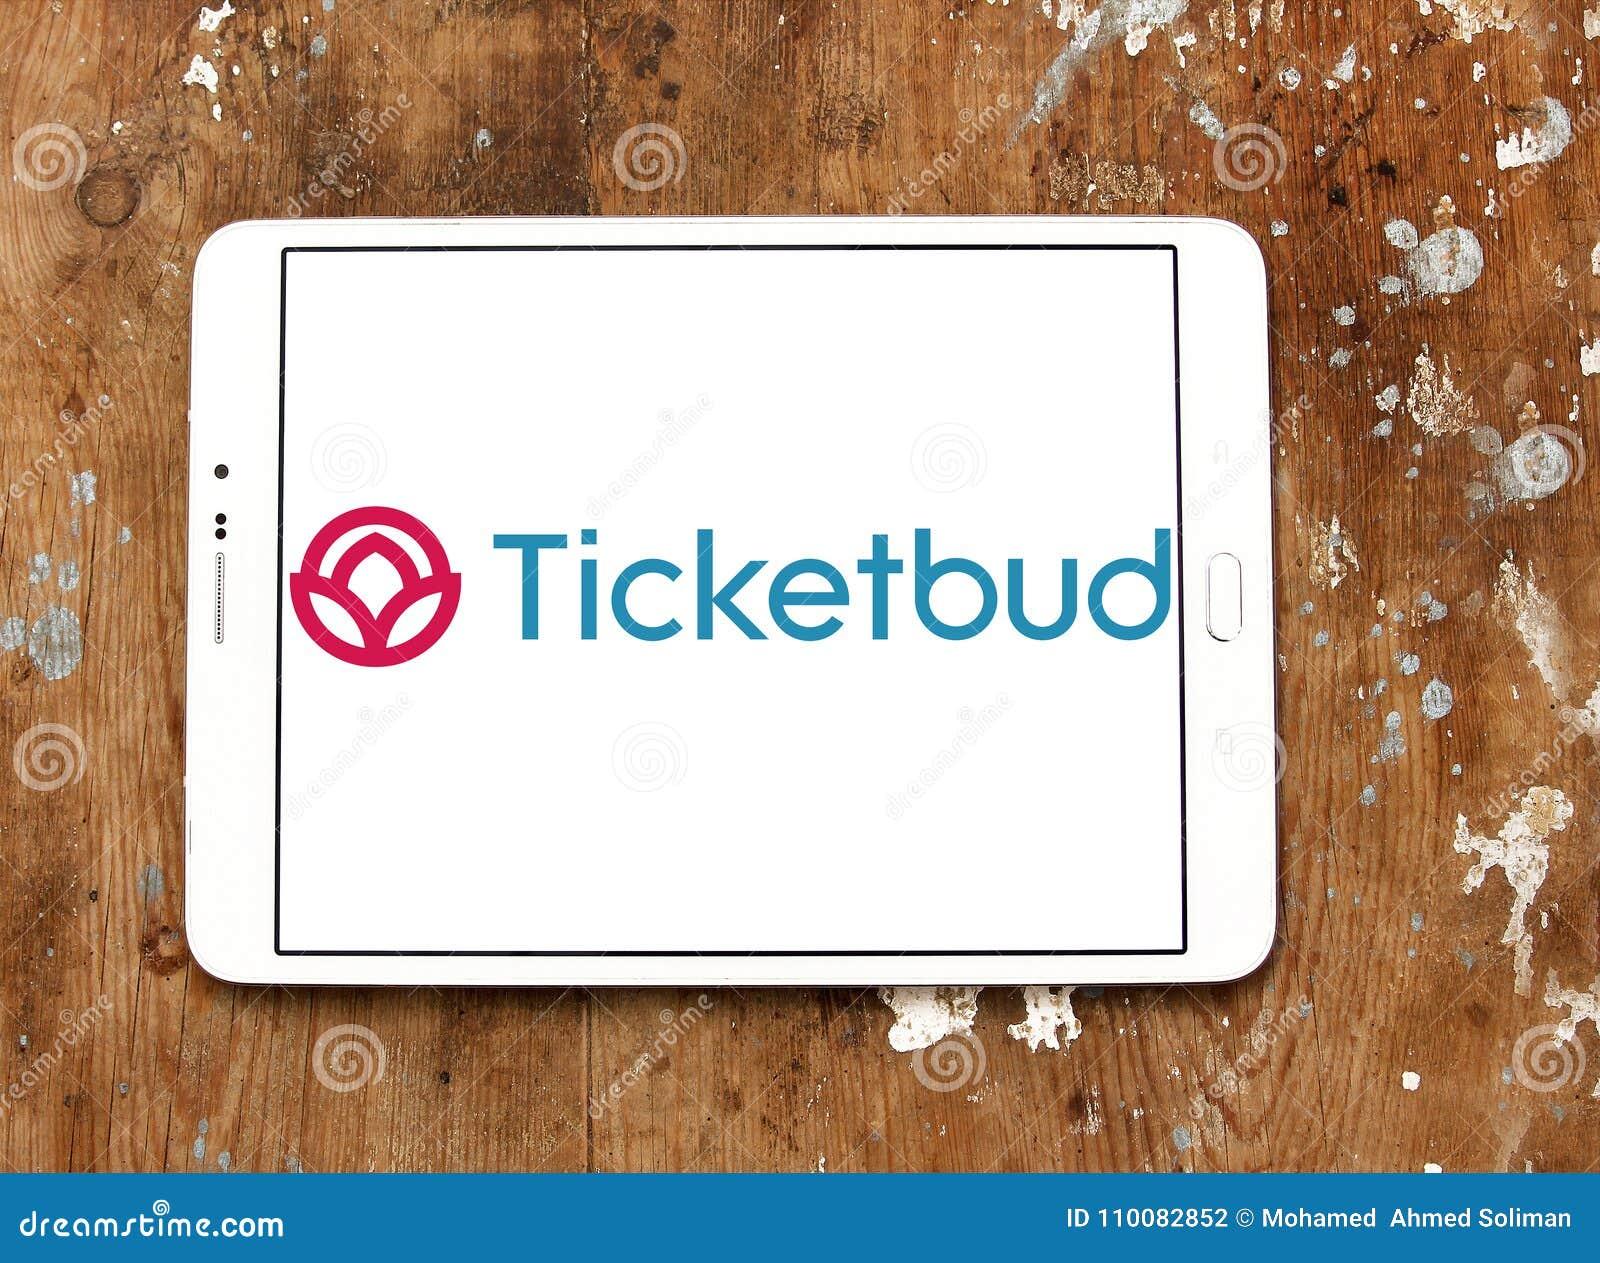 Ticketbud-Firmenlogo